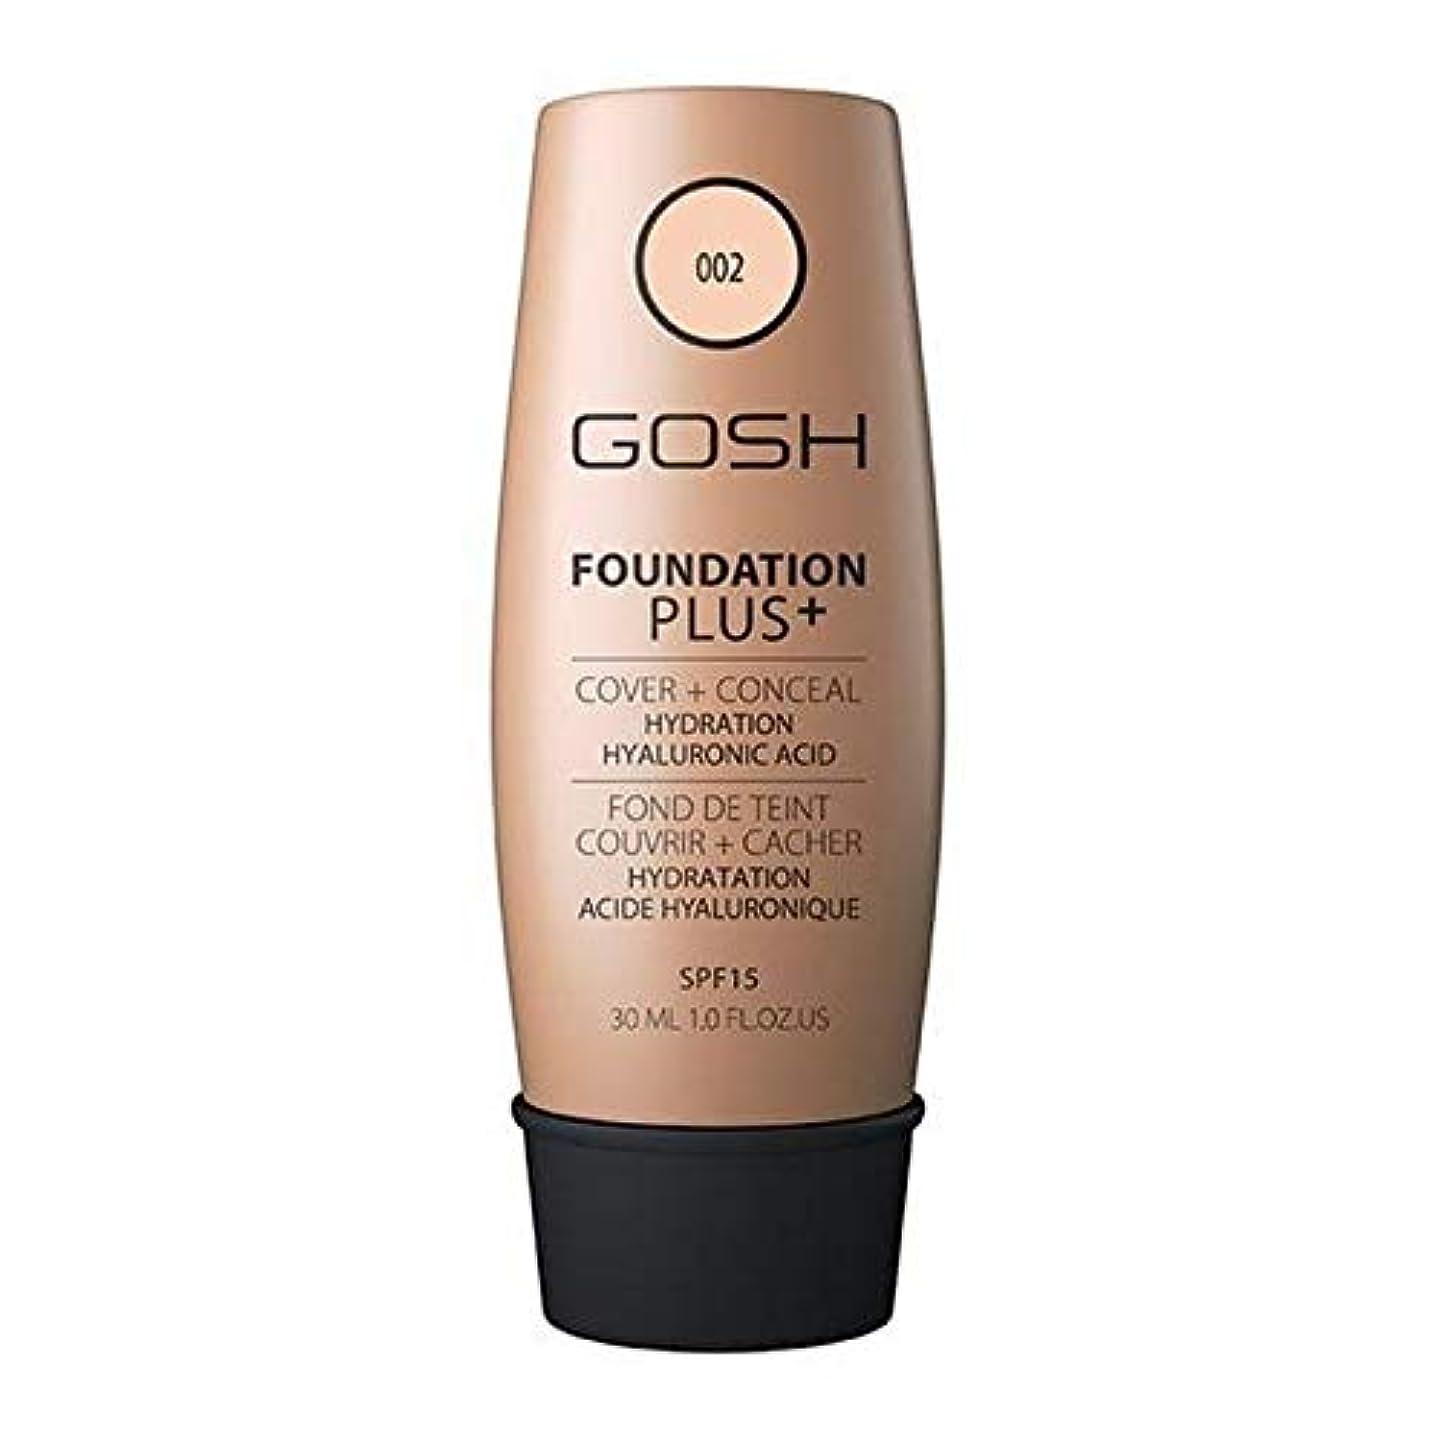 同封するラジカルお嬢[GOSH ] おやっ基礎プラス+アイボリー002 - Gosh Foundation Plus+ Ivory 002 [並行輸入品]